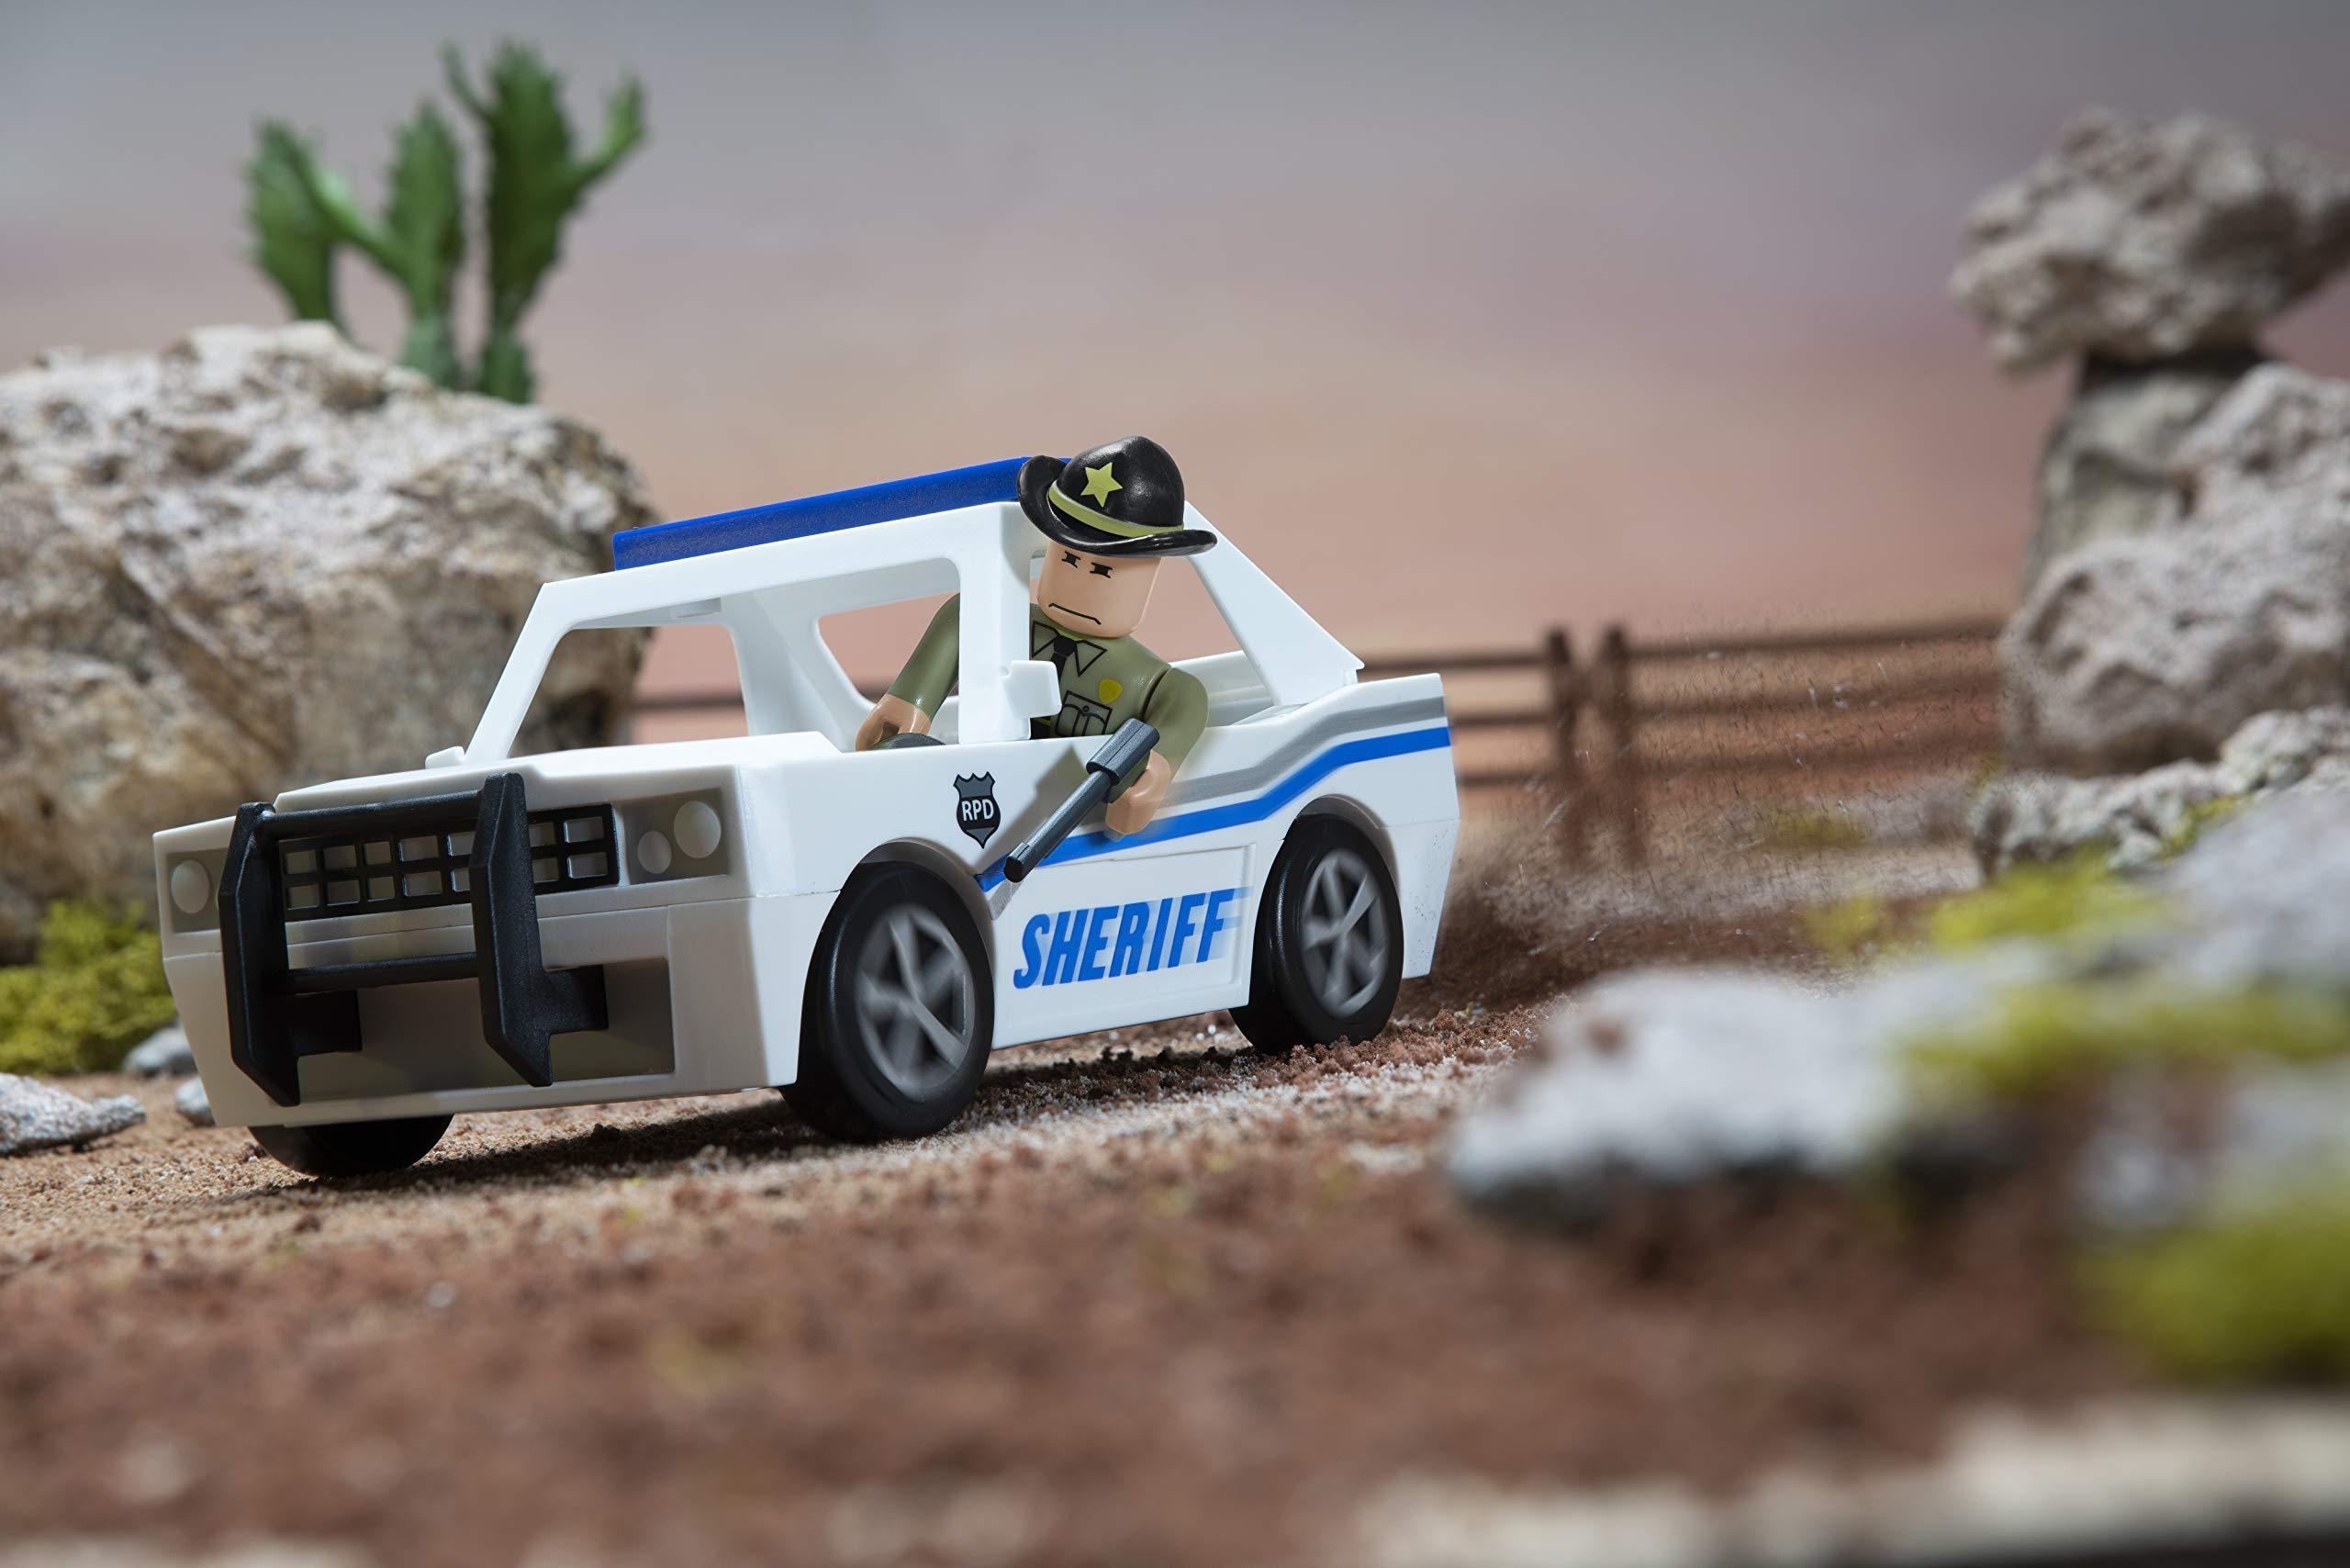 Roblox Jailbreak Swat Car Roblox Jailbreak Swat Unit Deluxe Vehic Buy Online In Cambodia At Desertcart